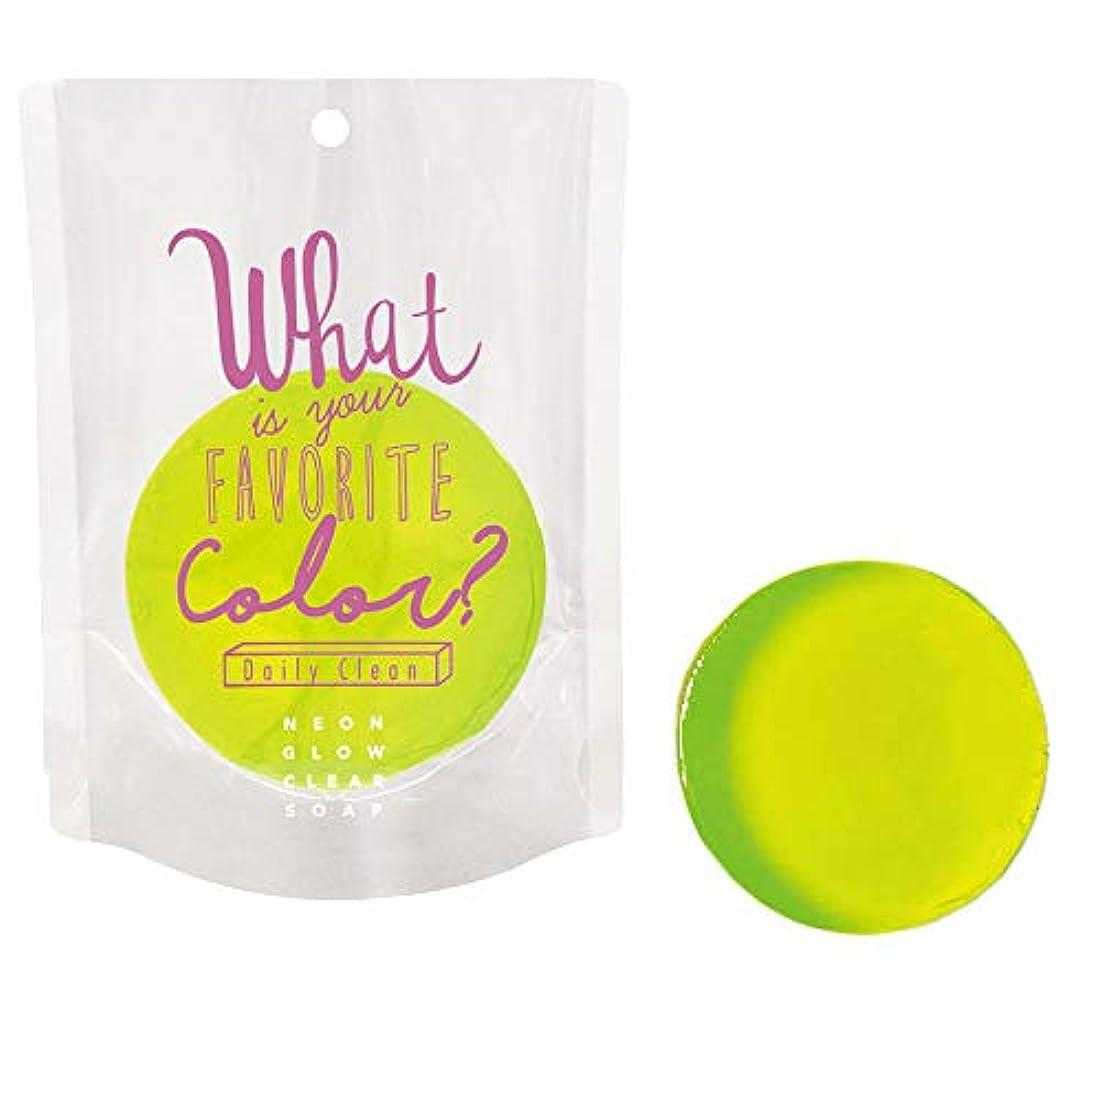 ネオングロークリアソープ ob-ngw-2-1-4(02/パパイヤ) Neon Glow Clear Soap 石鹸 ノルコーポレーション 固形 せっけん カラフル 香り 清潔 ギフト プレゼント